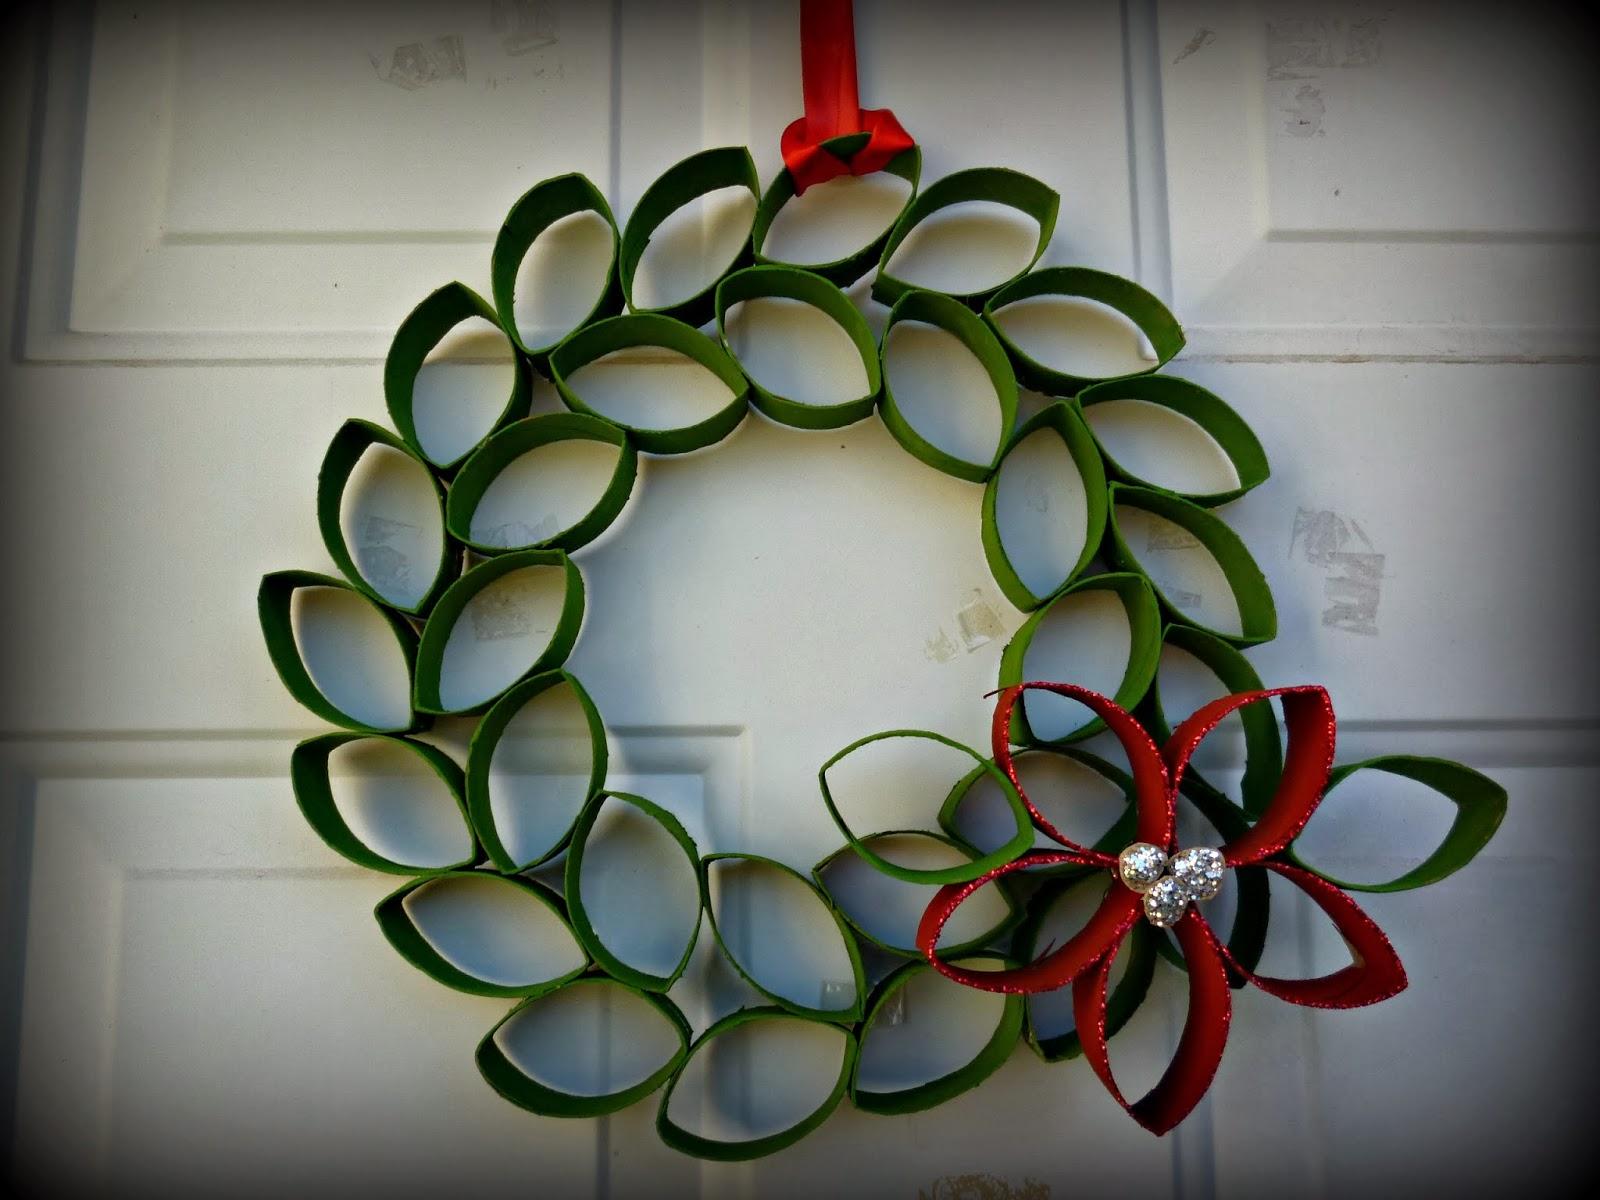 De todo y nada corona de navidad con rollos de papel diy - Decoracion con rollos de papel higienico ...